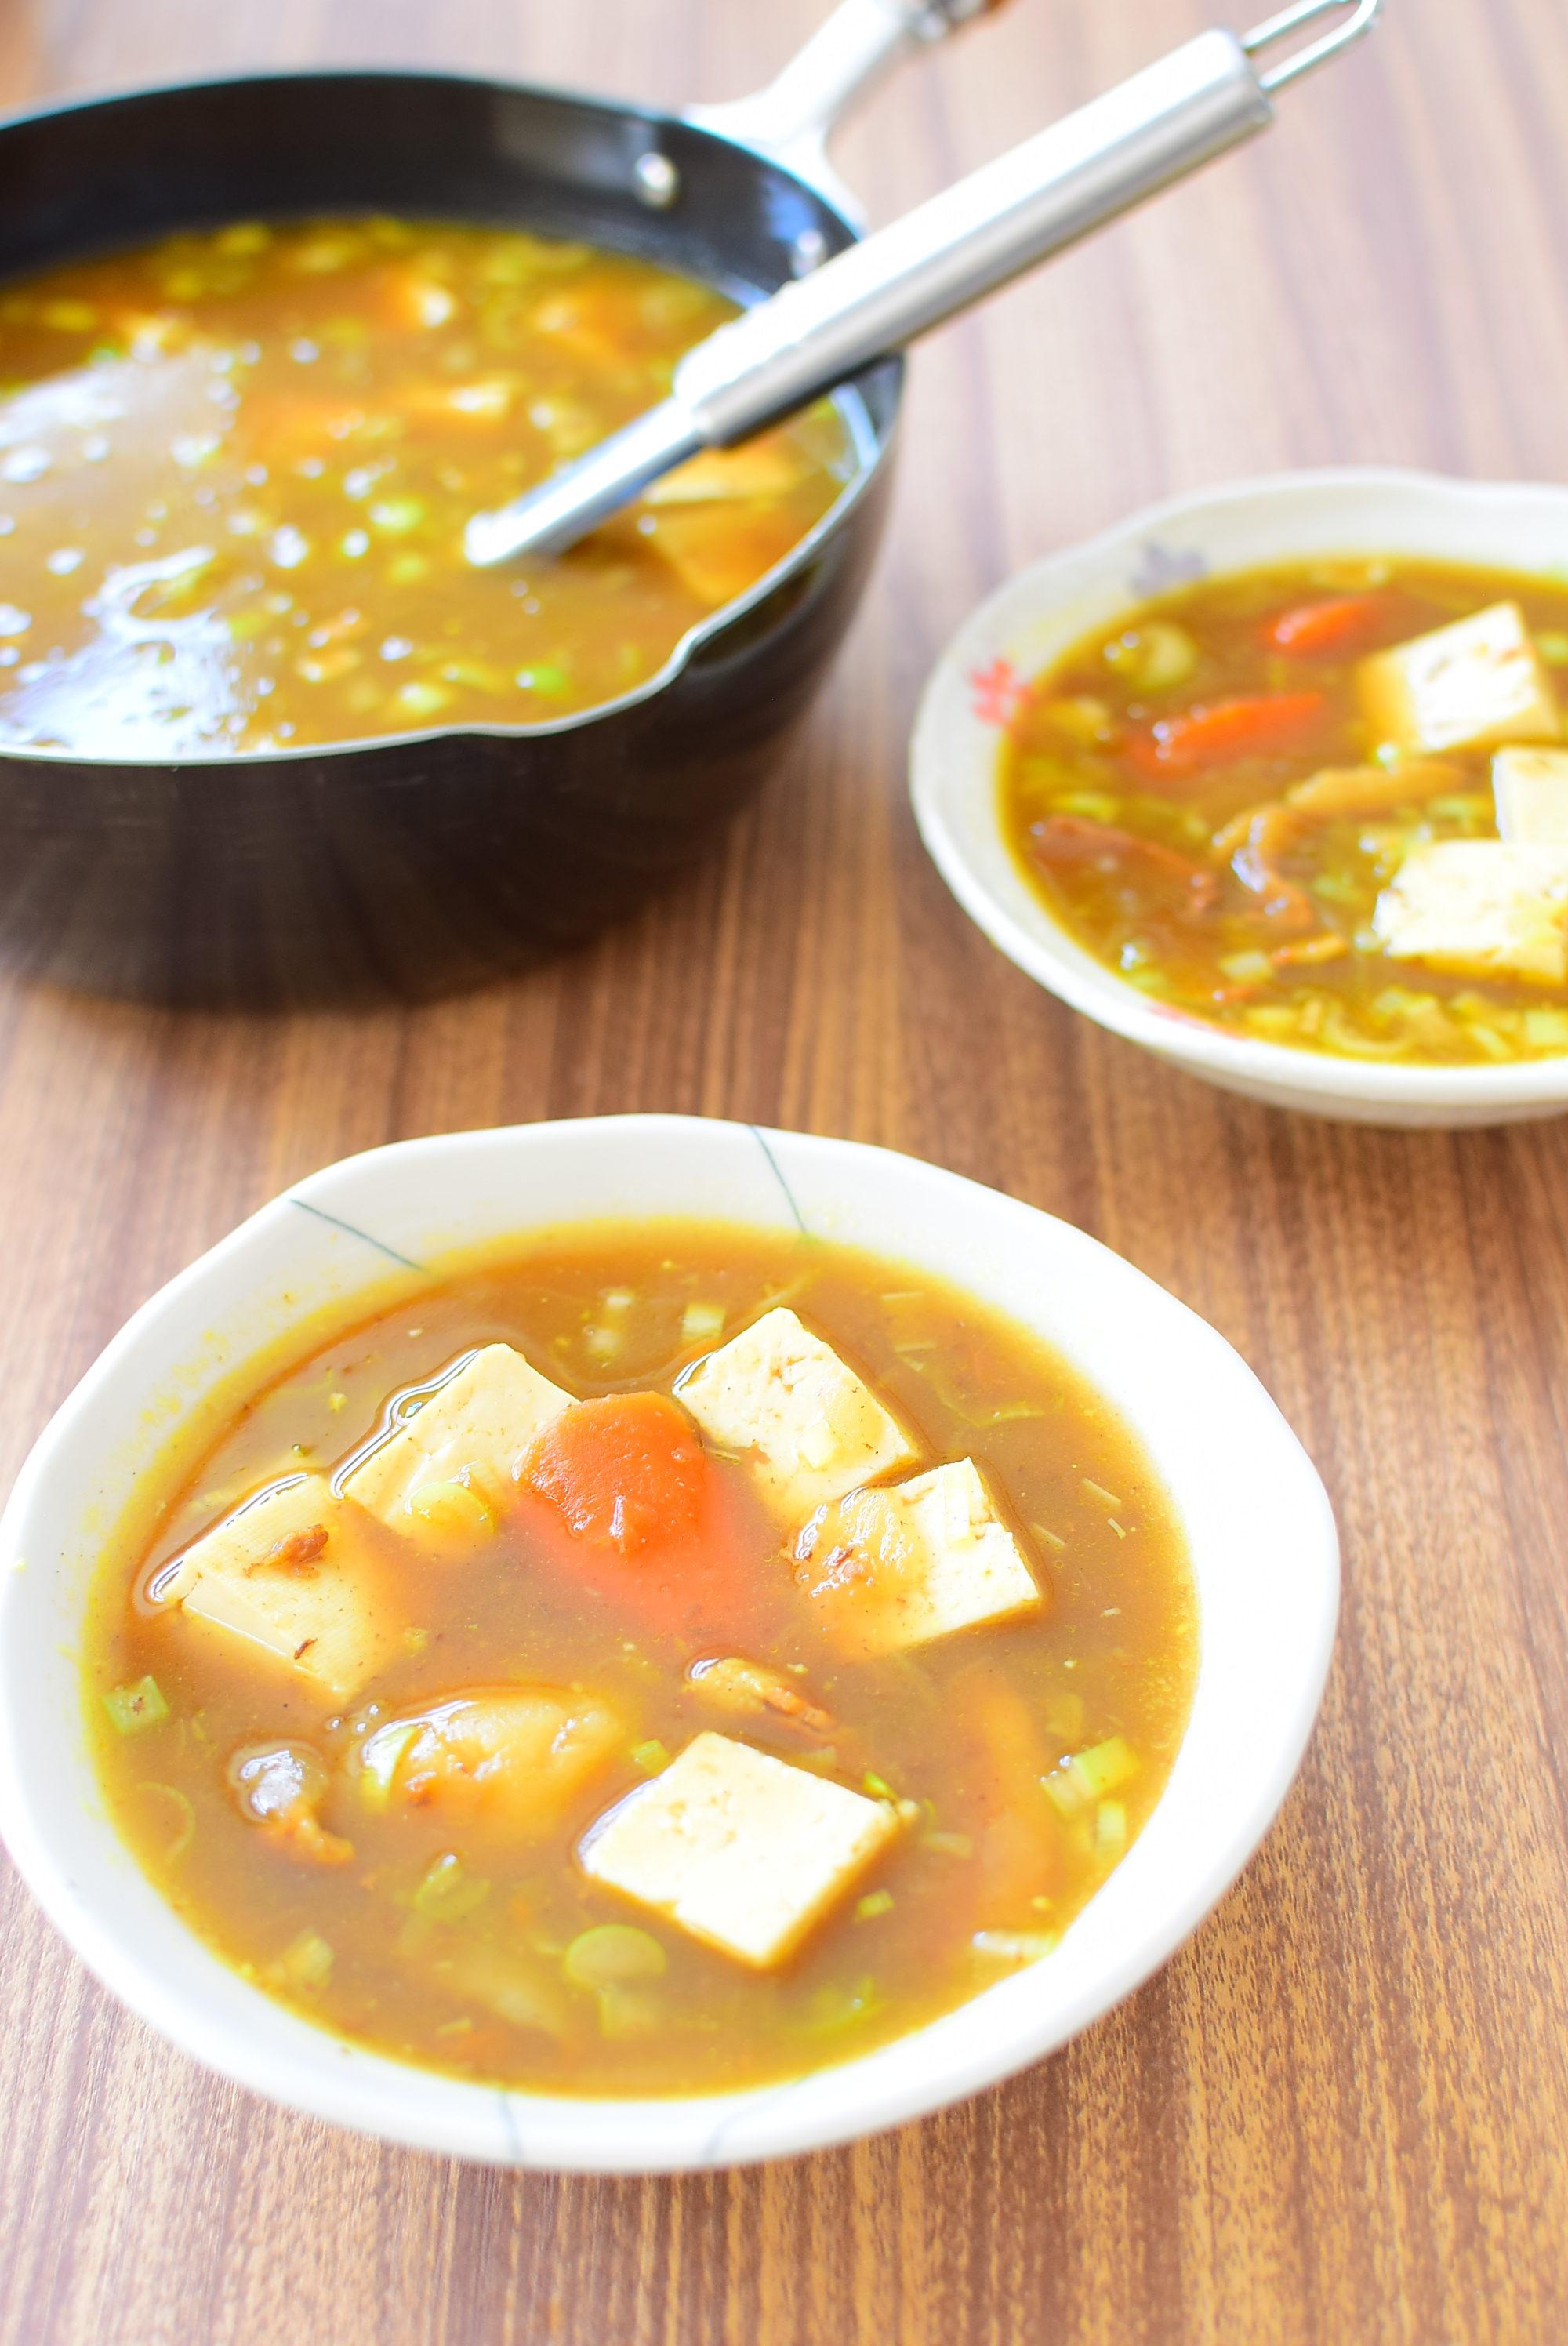 残りカレーで作る!豆腐カレースープのレシピの写真